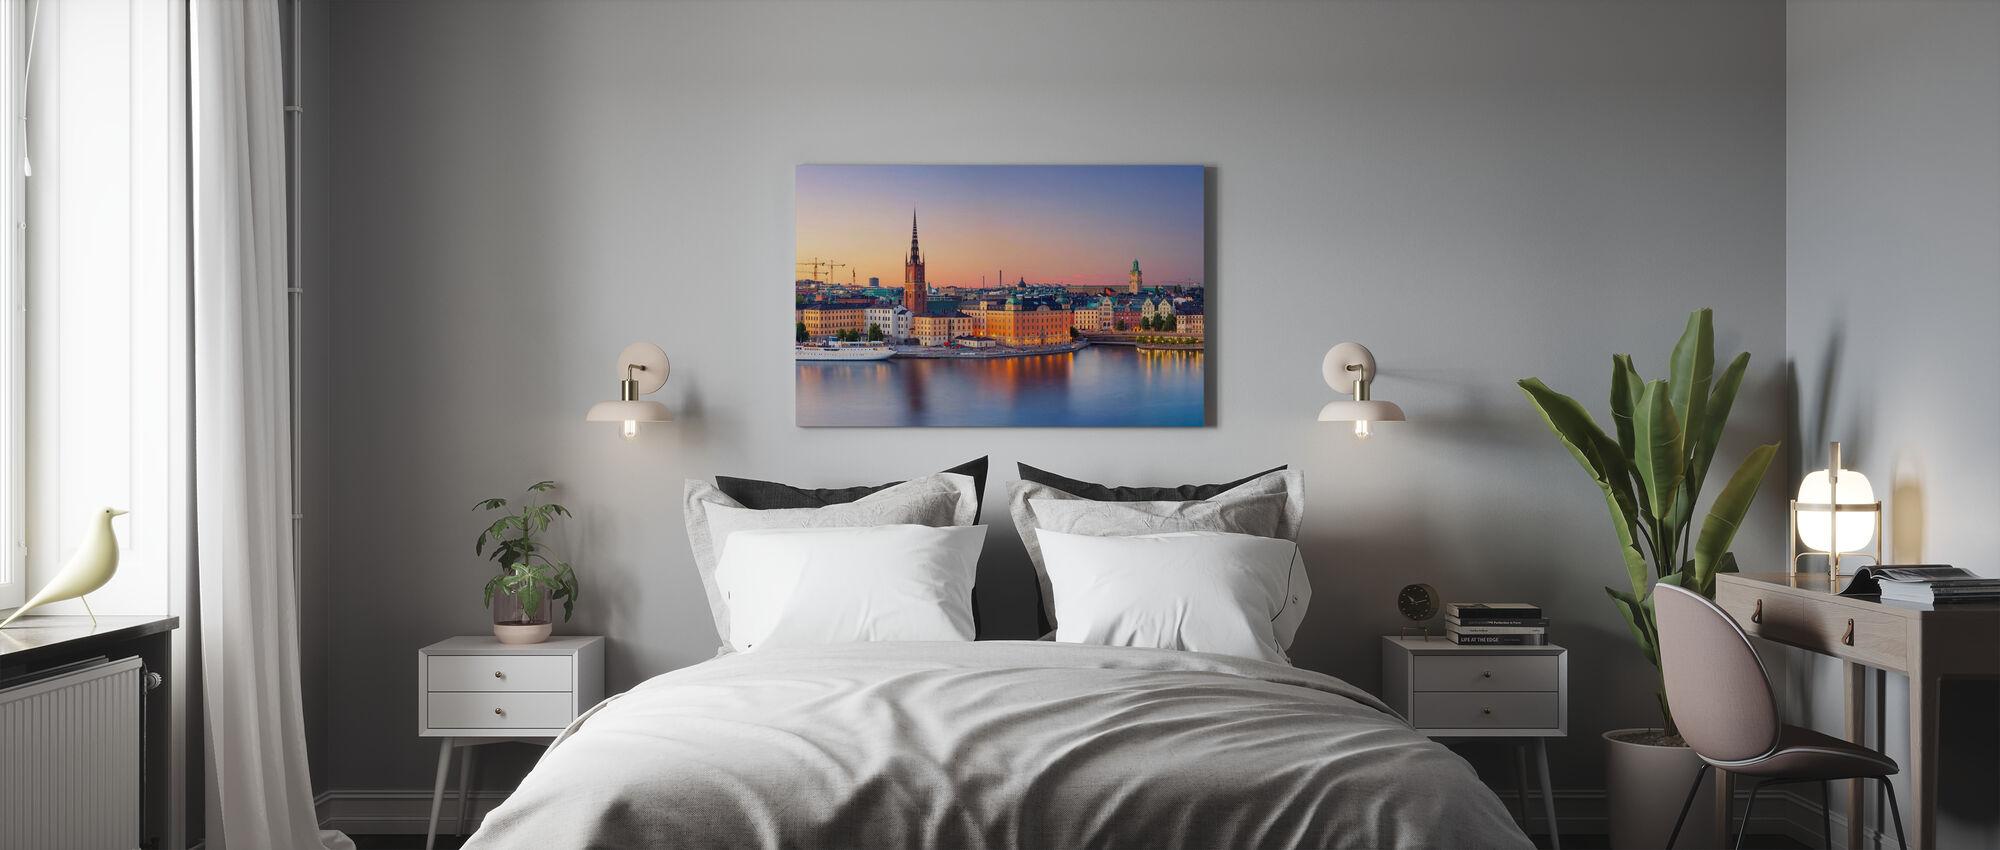 Stockholm at Dusk - Canvas print - Bedroom